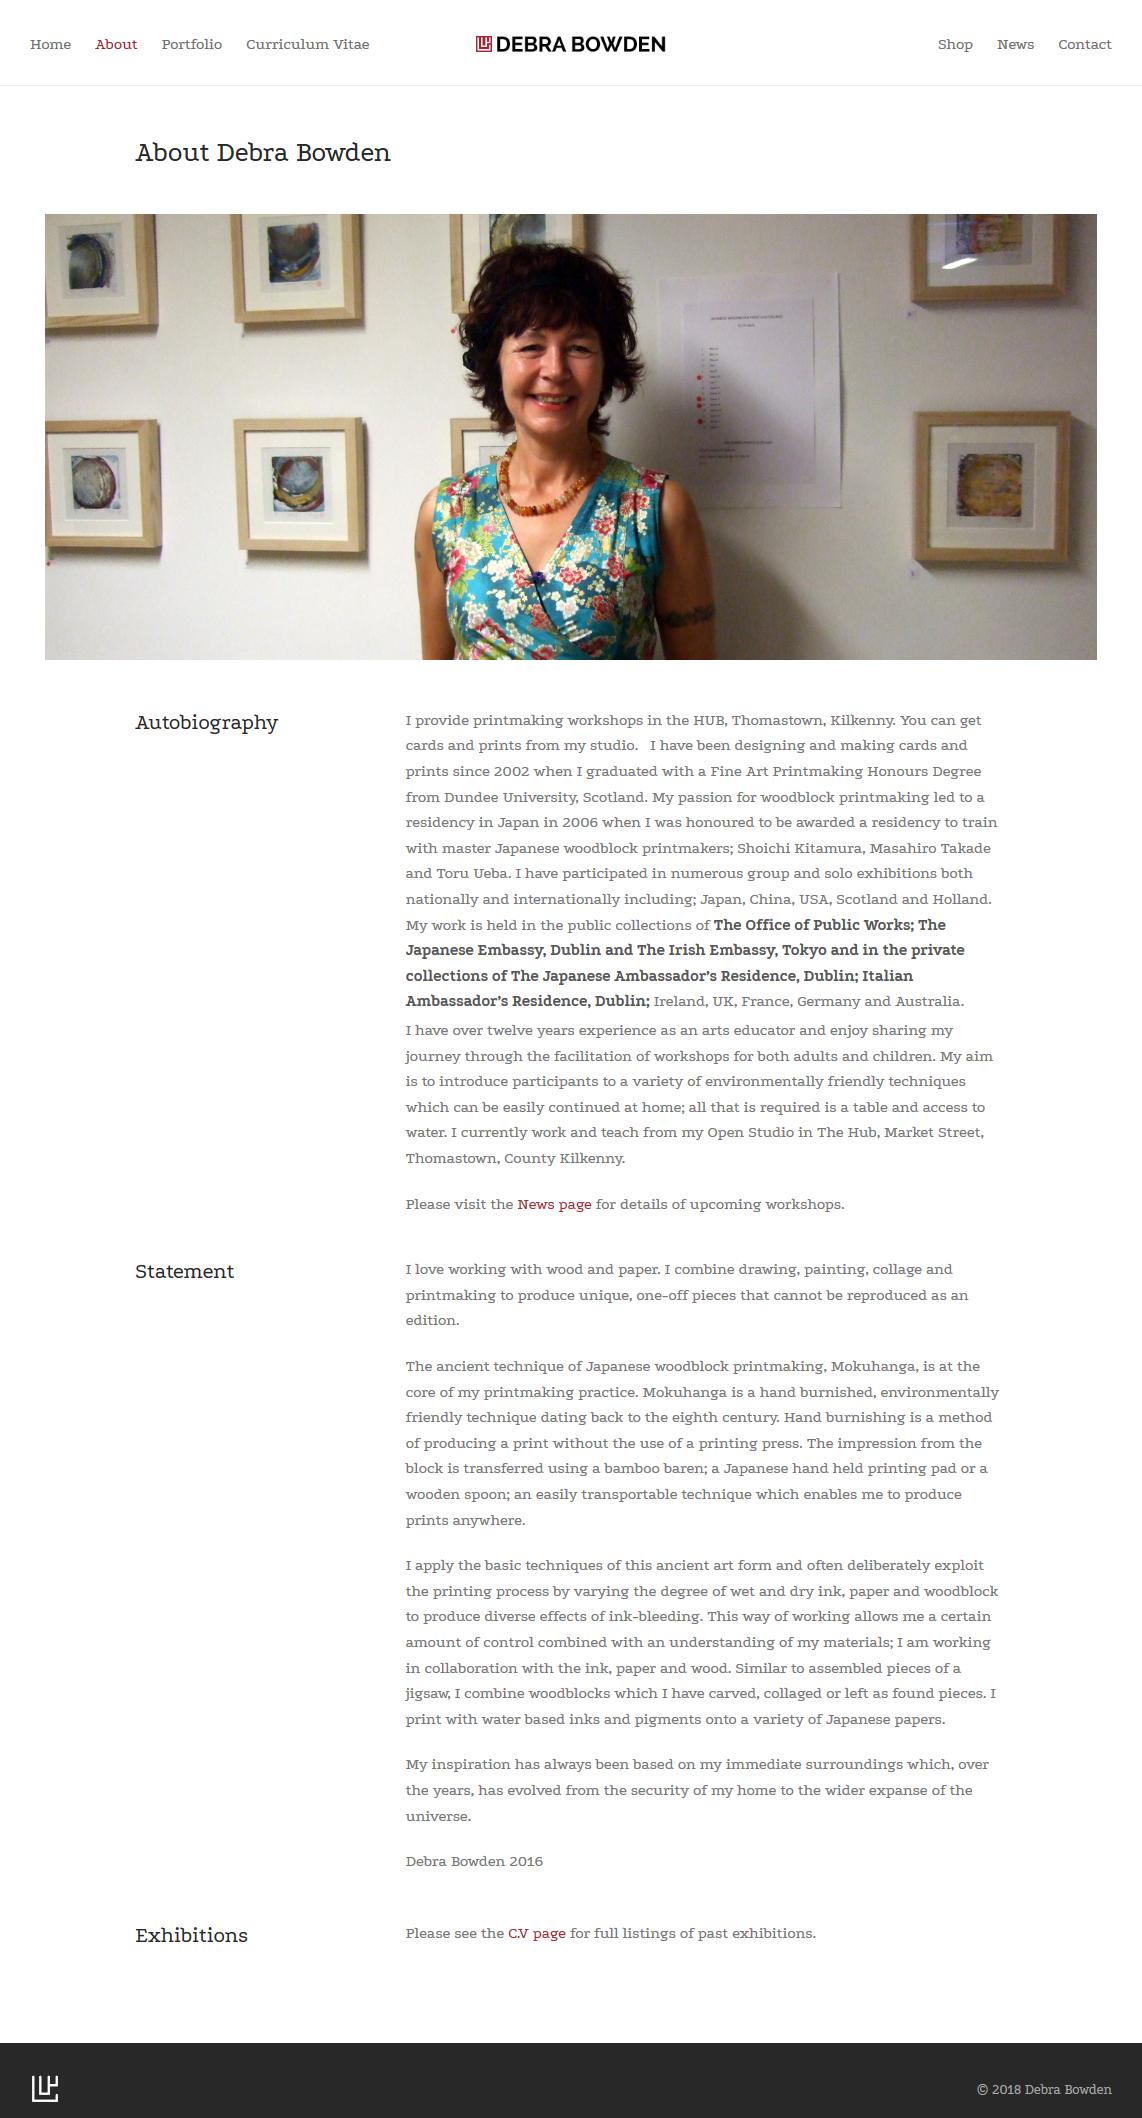 WB-portfolio-web-design-Debra-Bowden-2